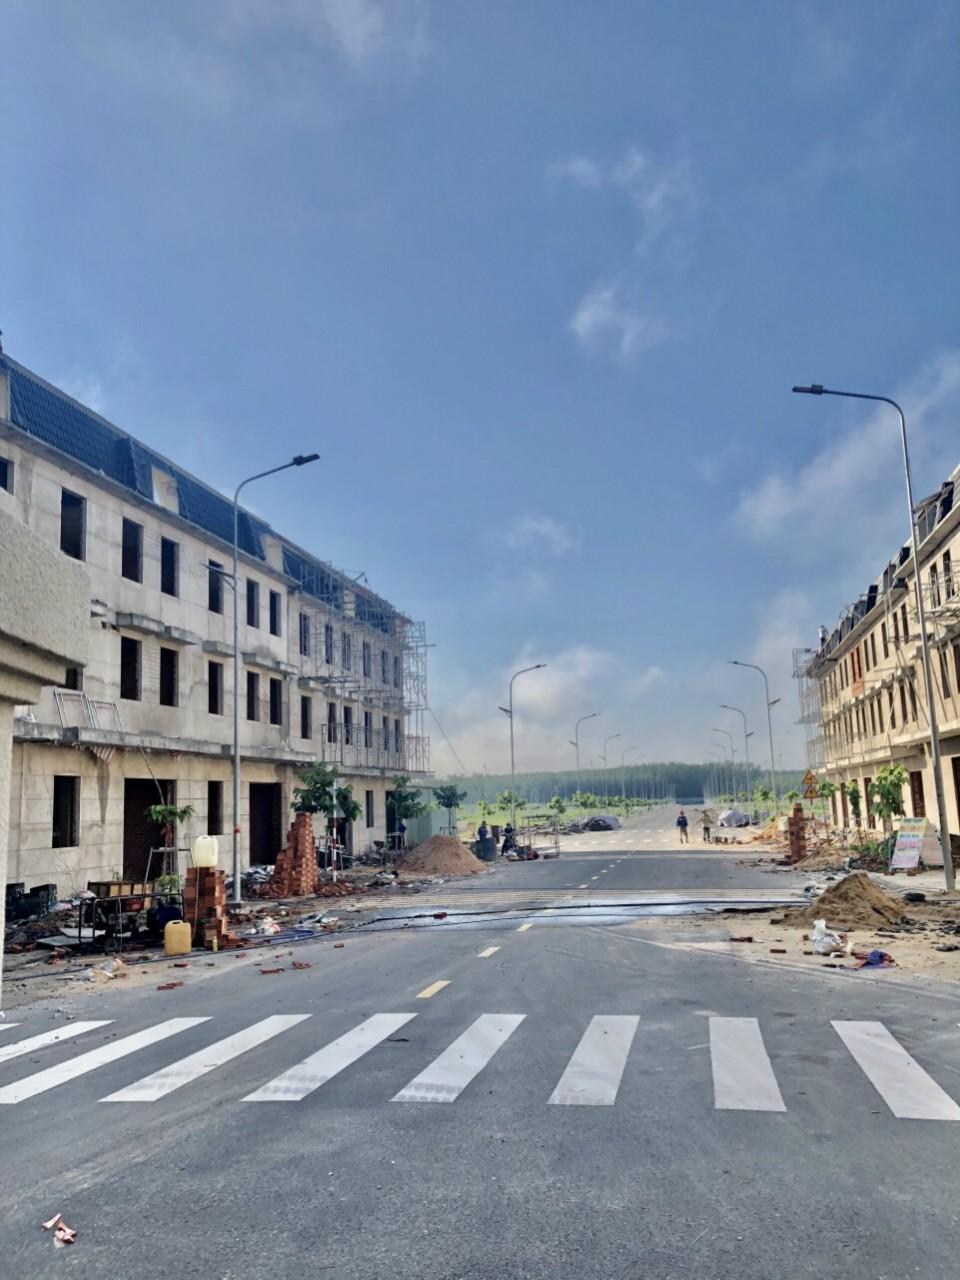 dự án ngay trung tâm thành phố mới mở rộng